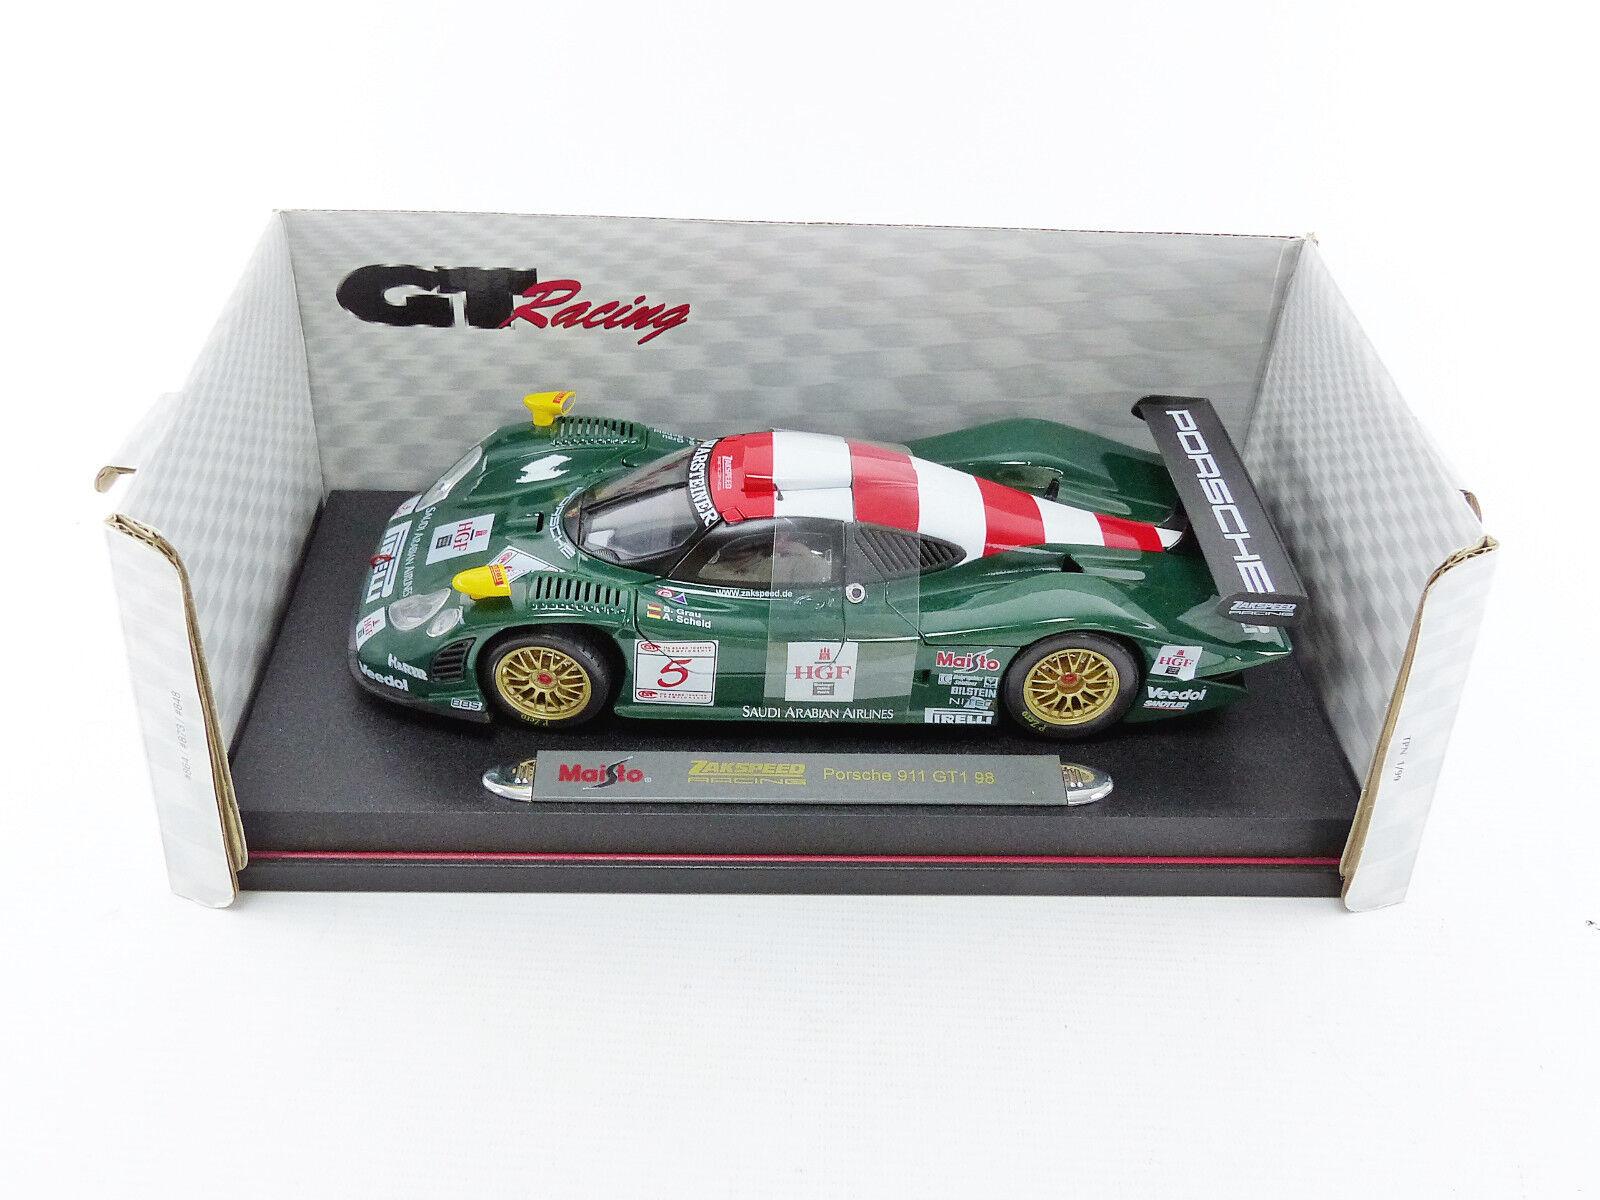 MAISTO 1/18 - PORSCHE 911 GT1 LE MANS - 38873